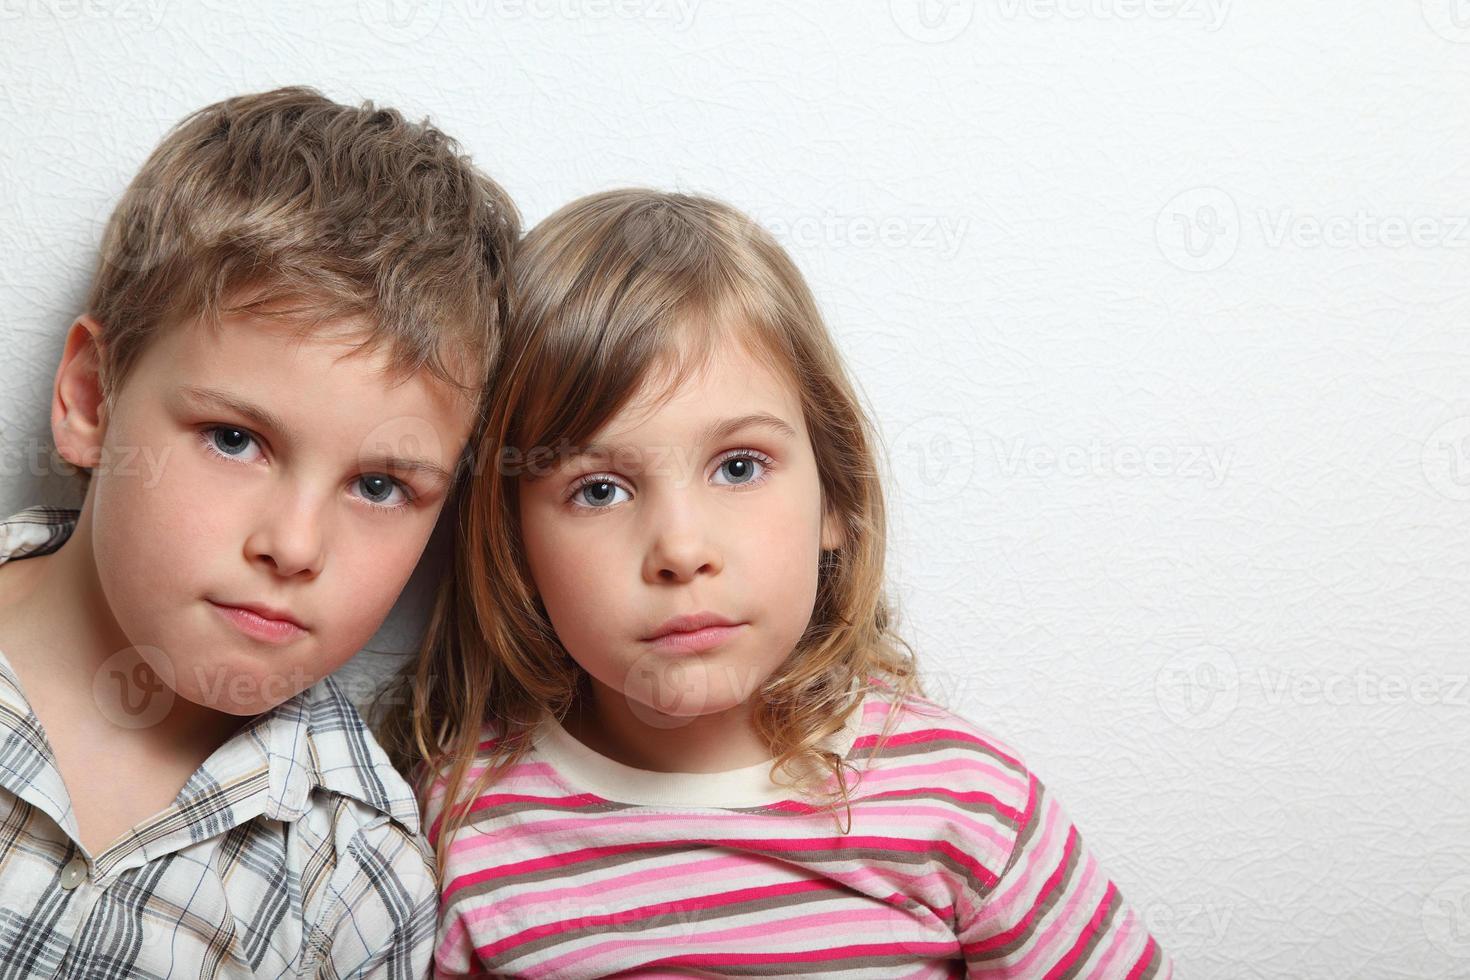 retrato de menina e menino pensativo foto